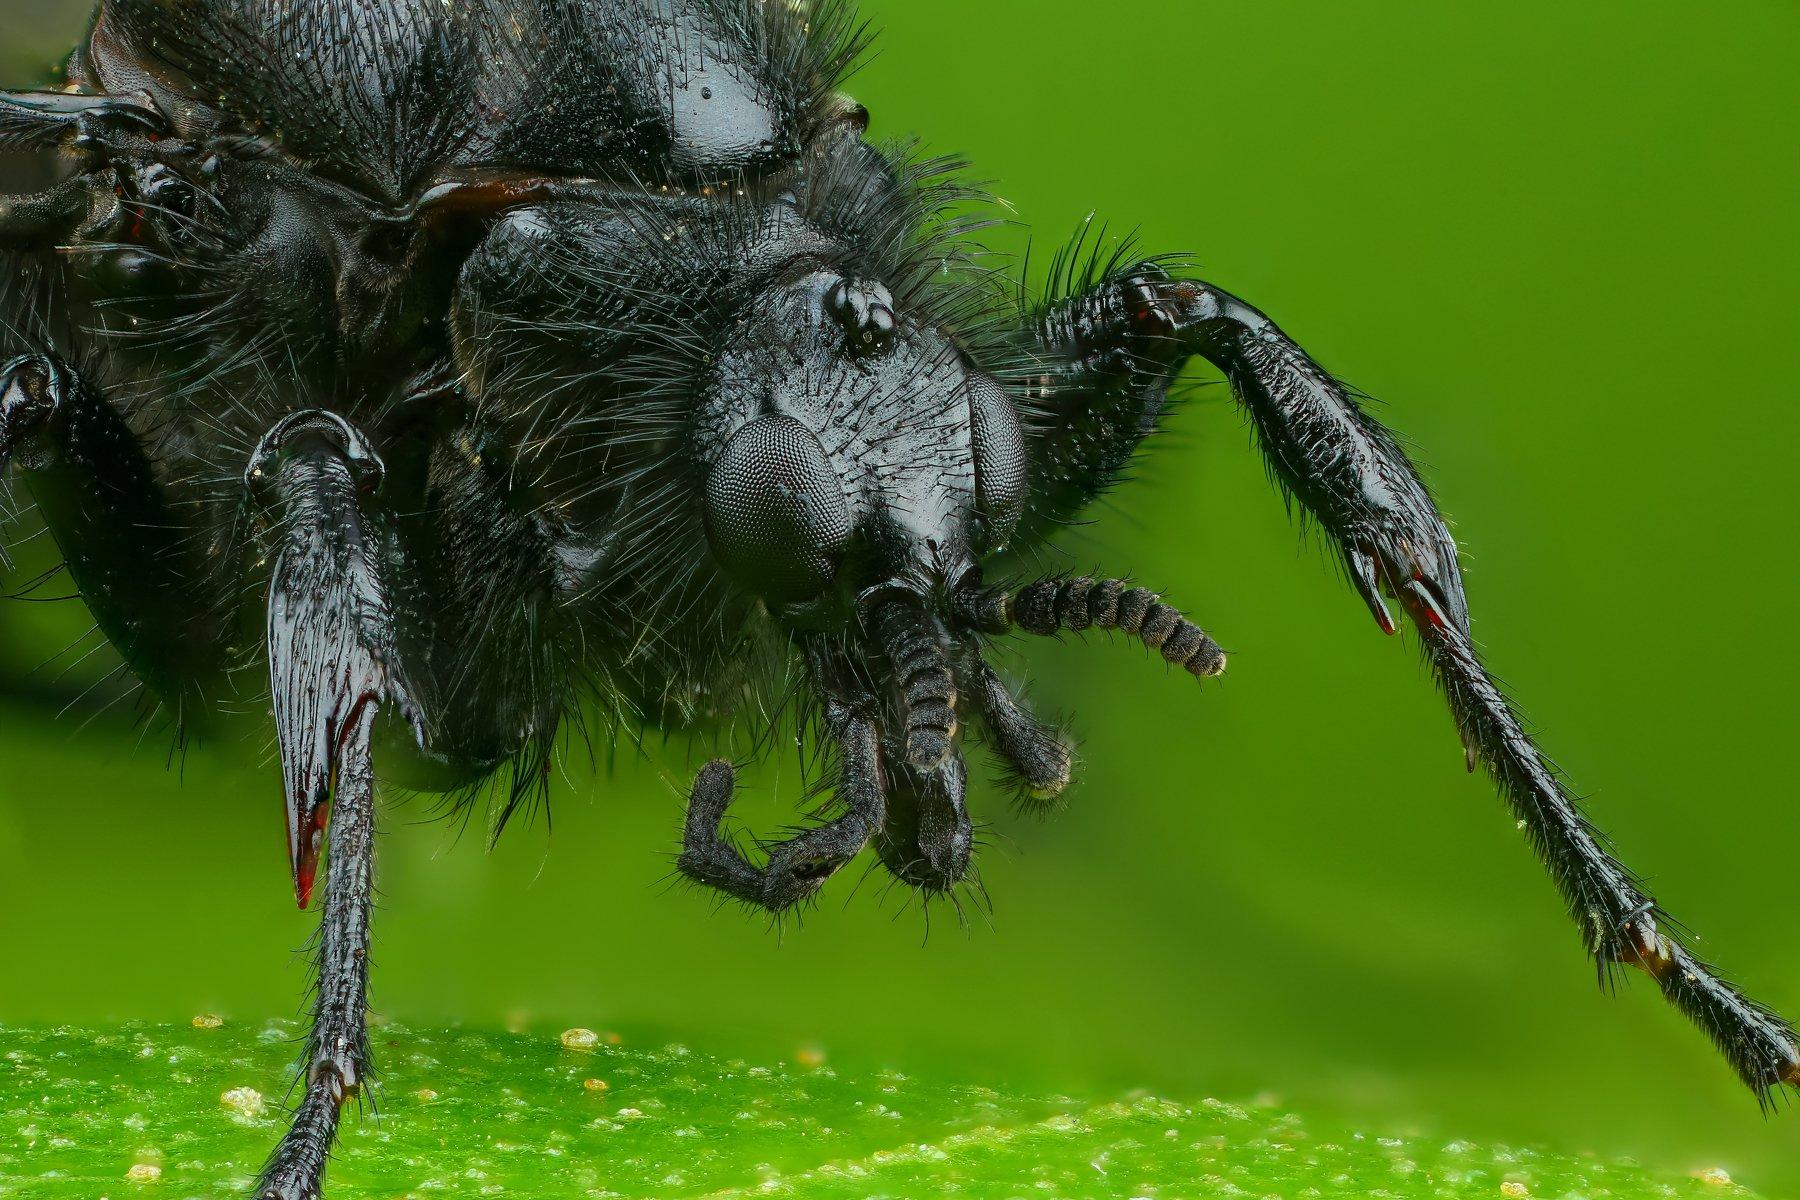 комар портрет макро природа цвет зеленый растение, Шаповалов Андрей